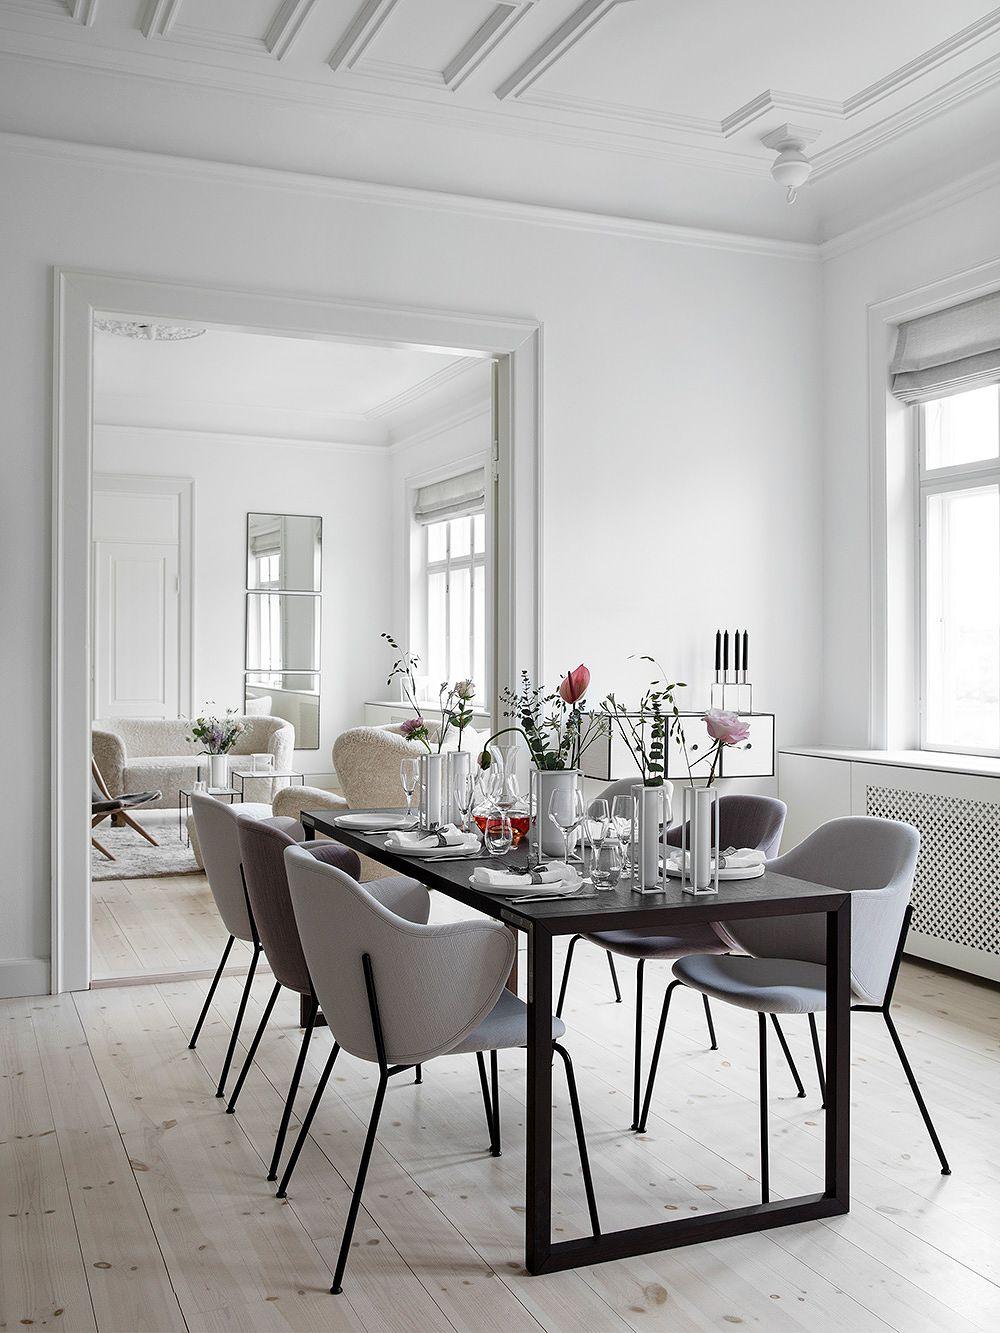 Lassen Chairs from By Lassen